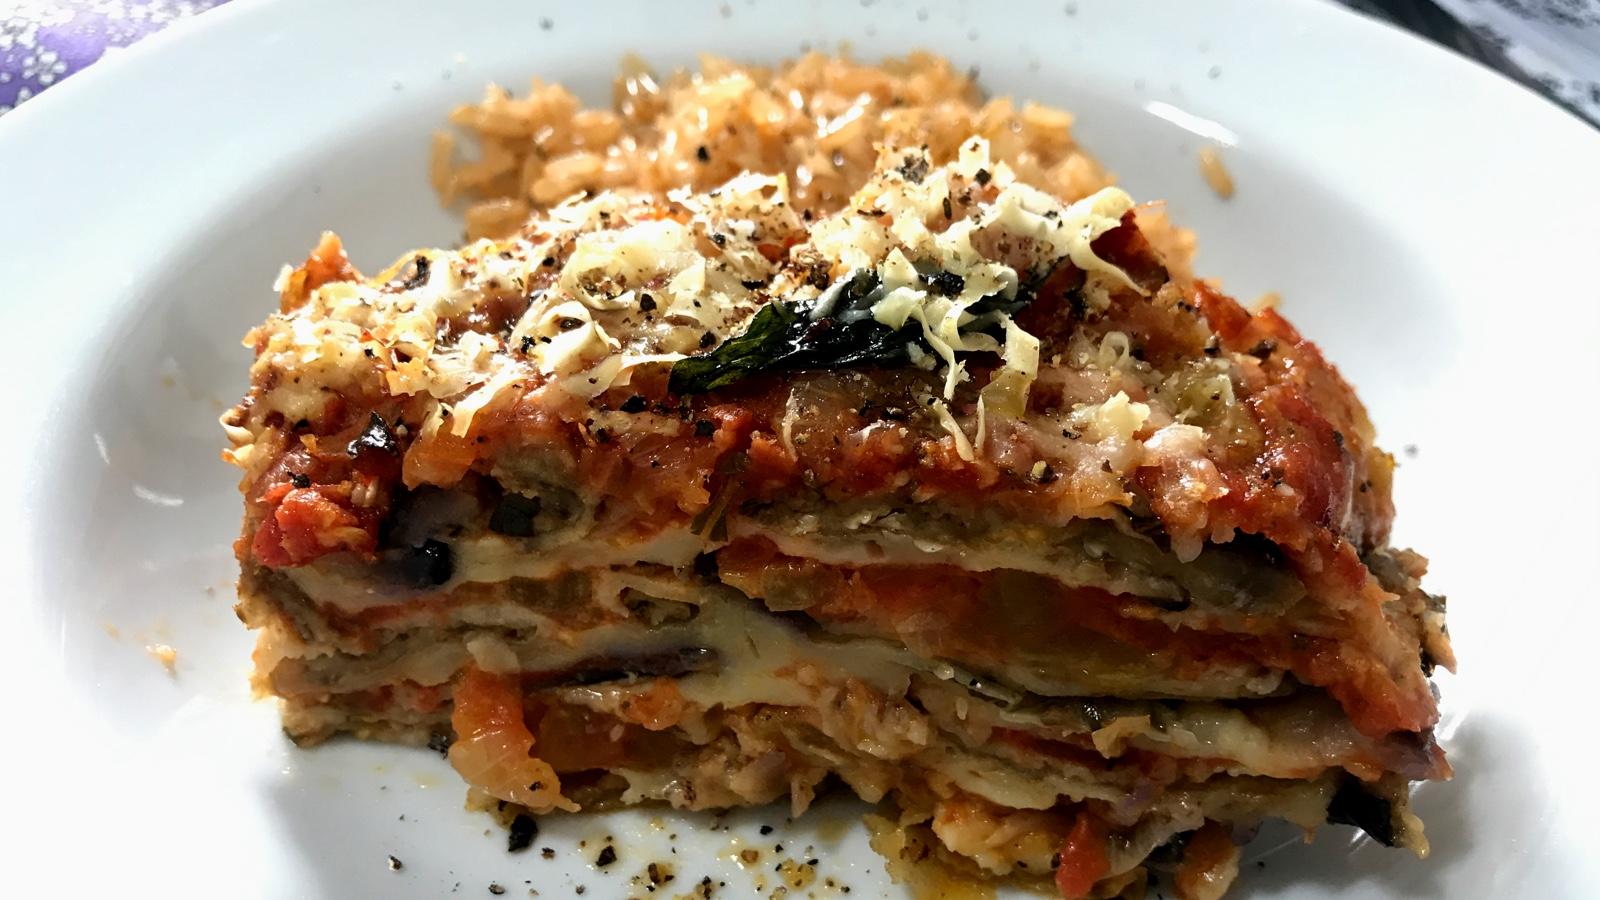 mellanzane alla parmigiana